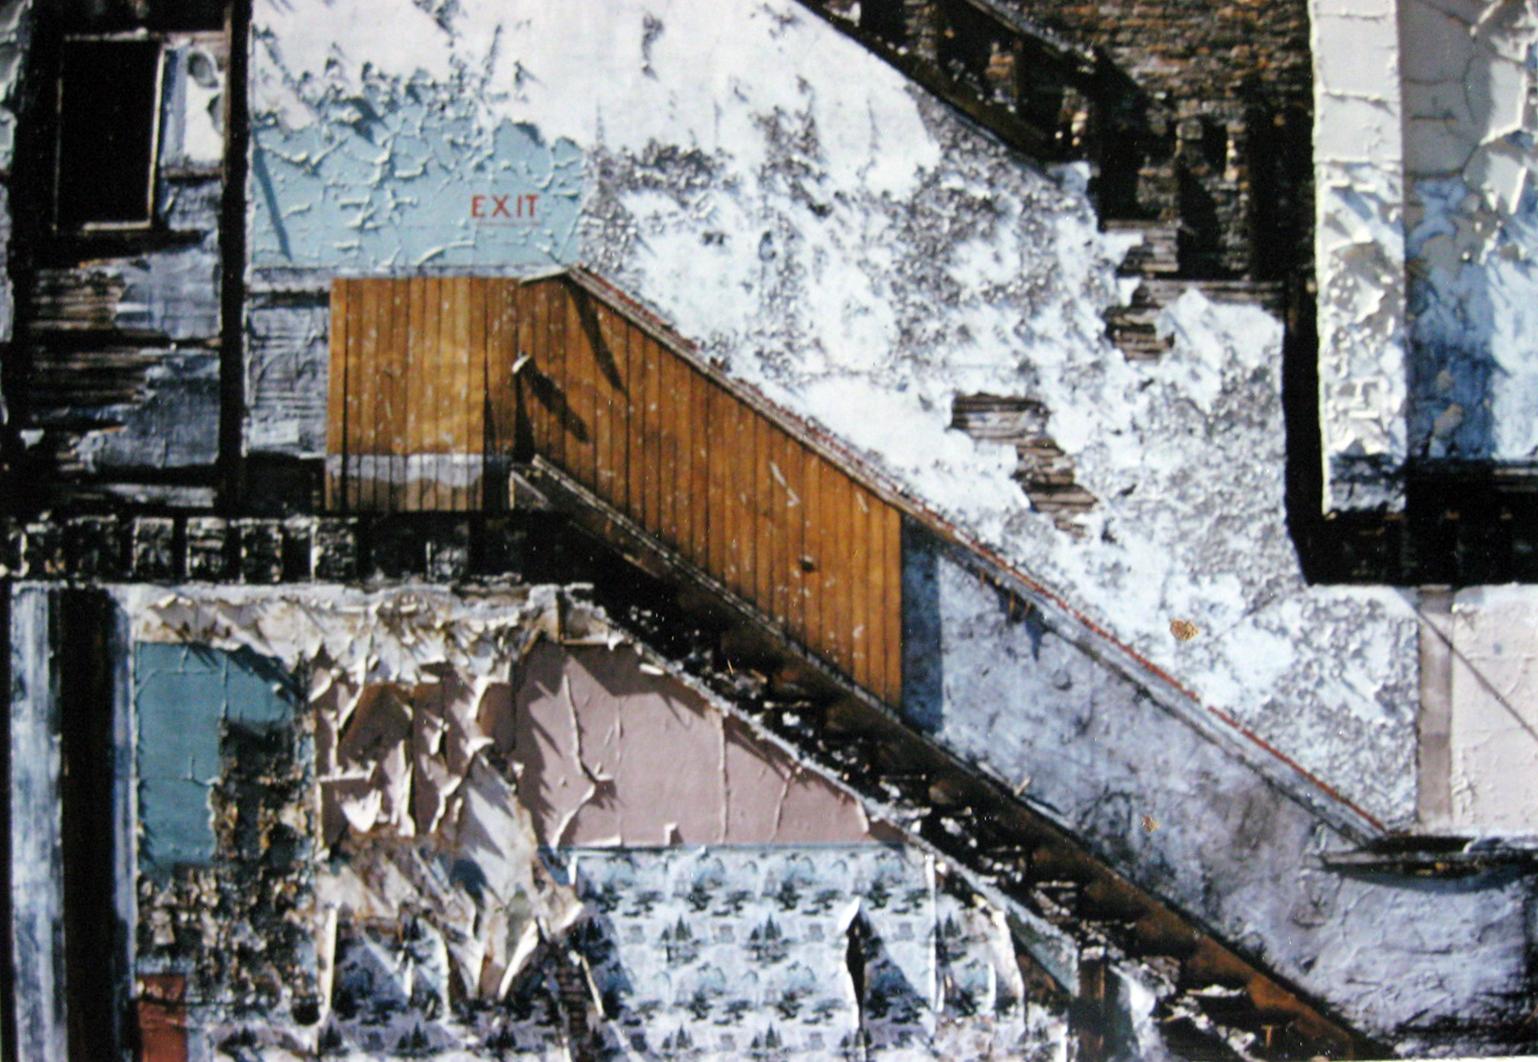 Kloubec, Edward F. - Untitled 2 (Exit)